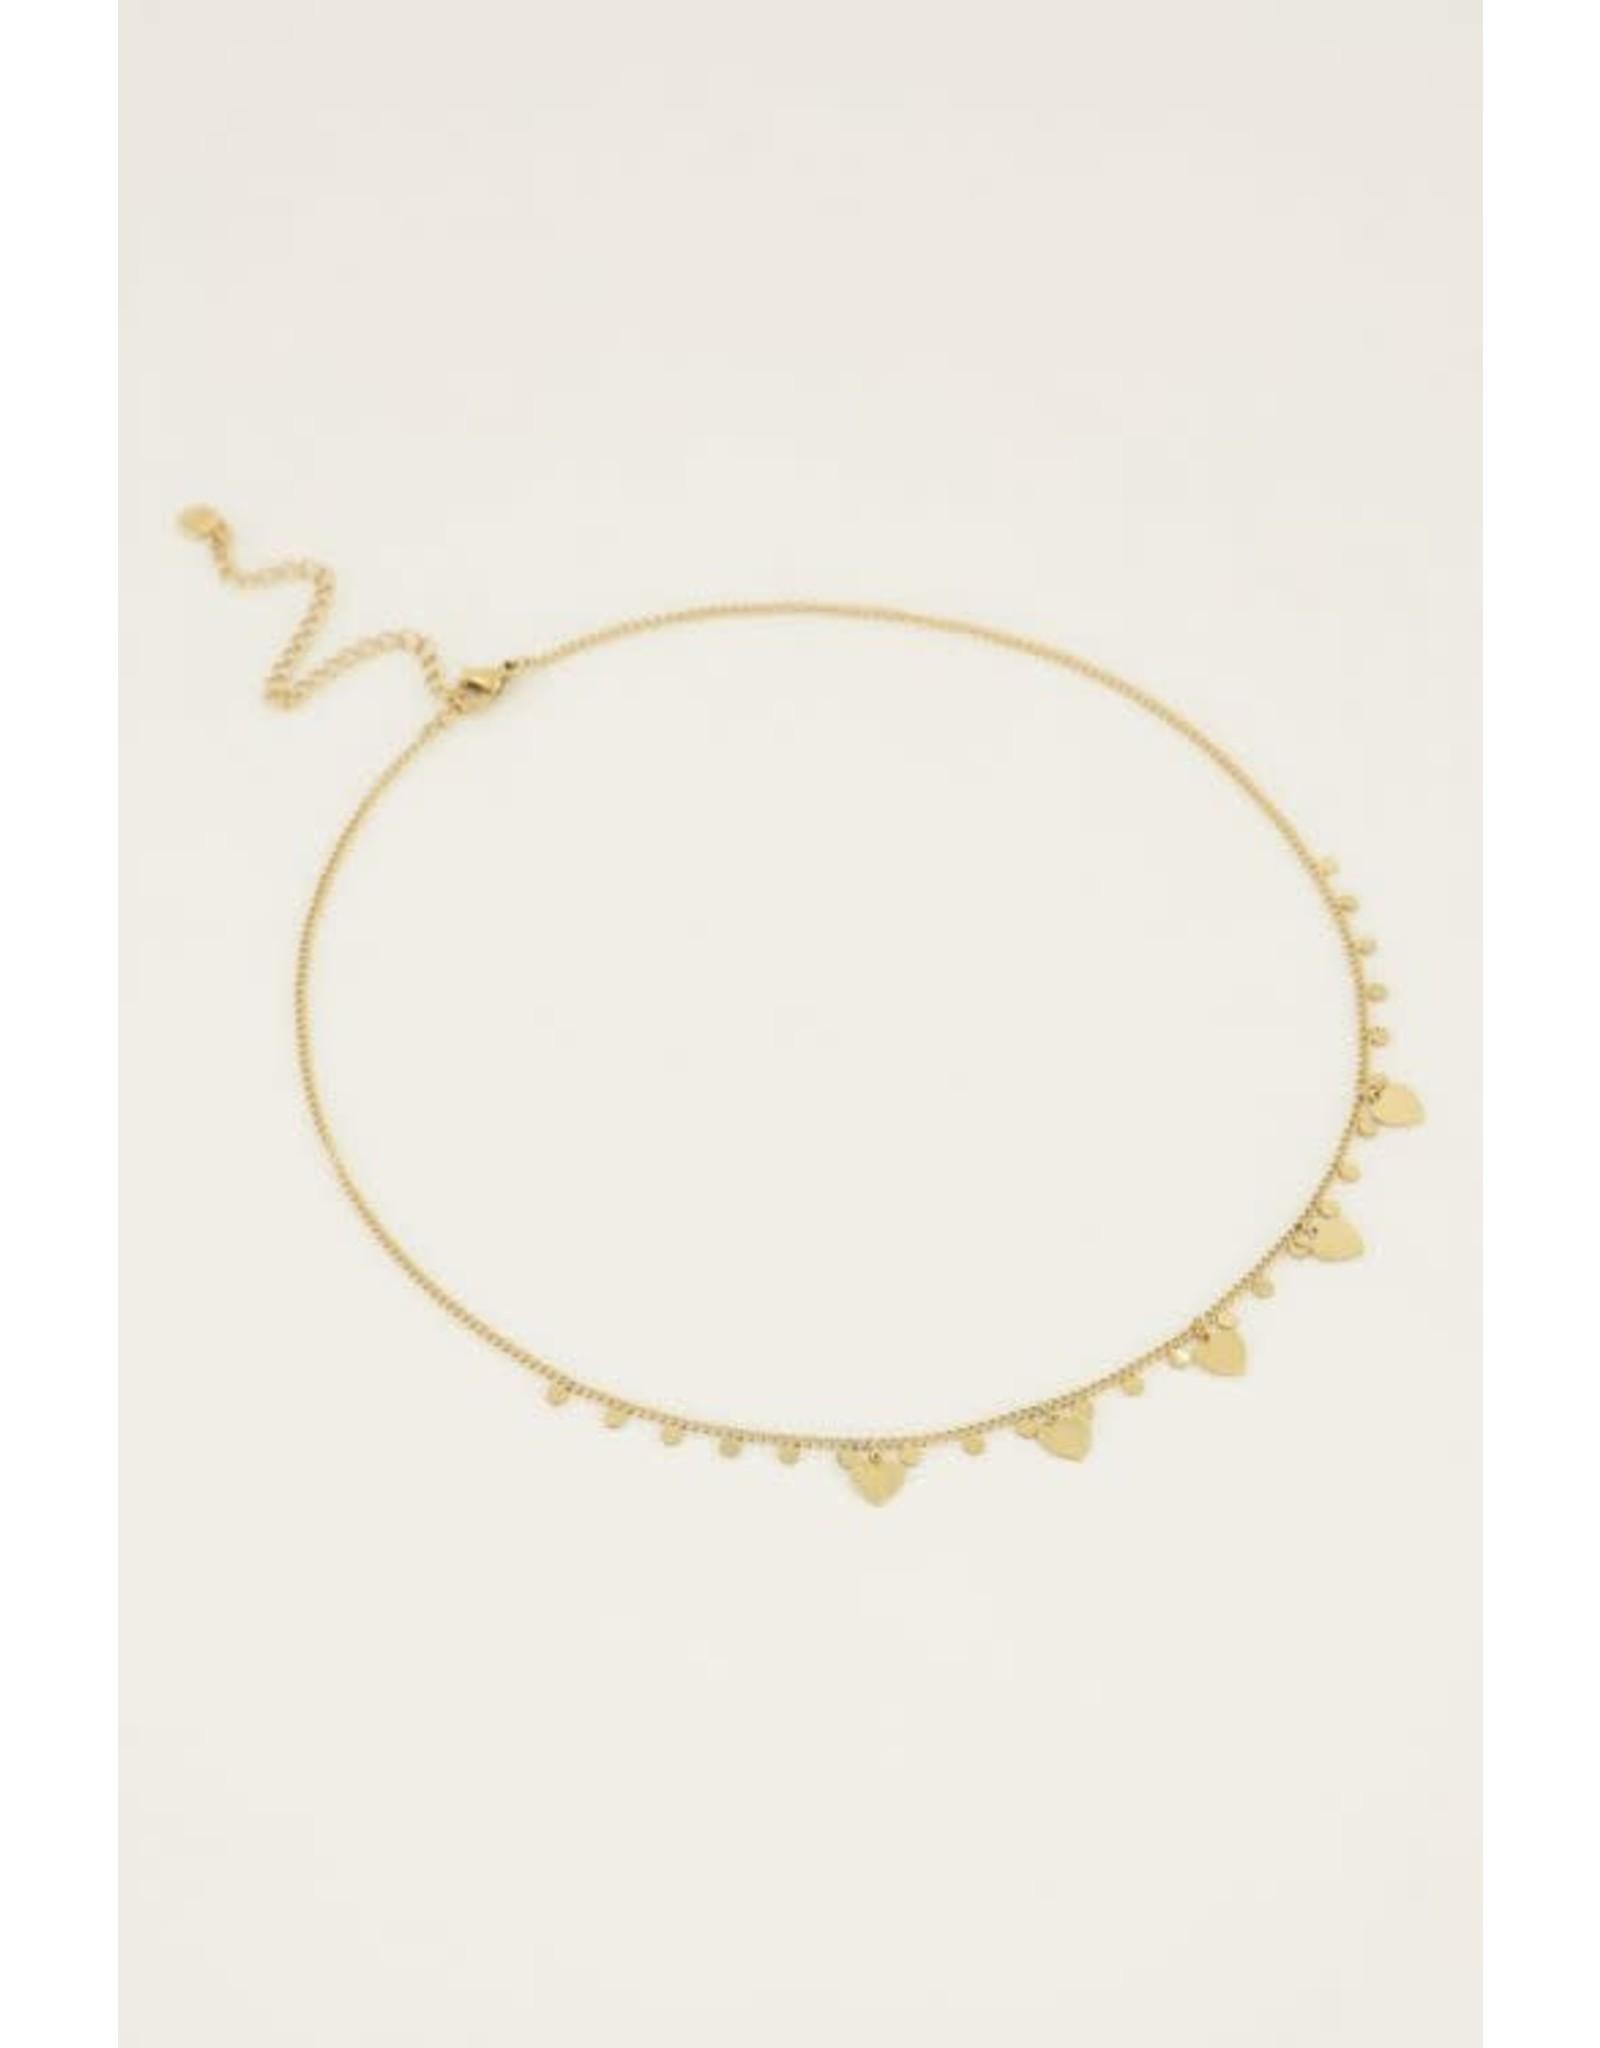 My Jewellery My Jewellery ketting hartjes en bedels